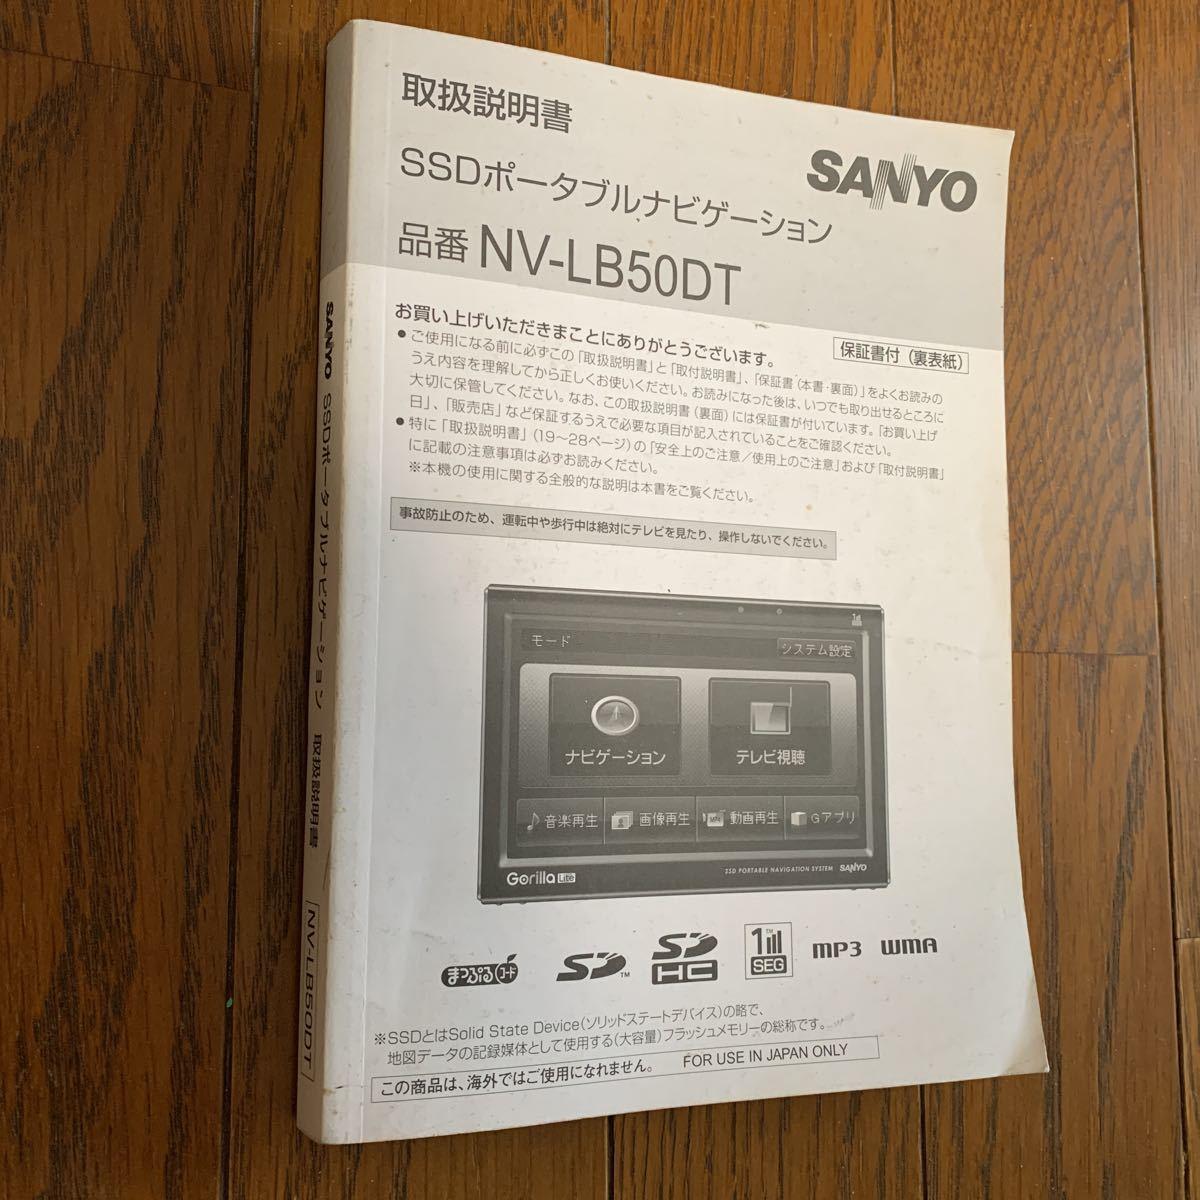 サンヨー SANYO SSDポータブルナビゲーション 品番NV-LB50DT 取扱説明書_画像3